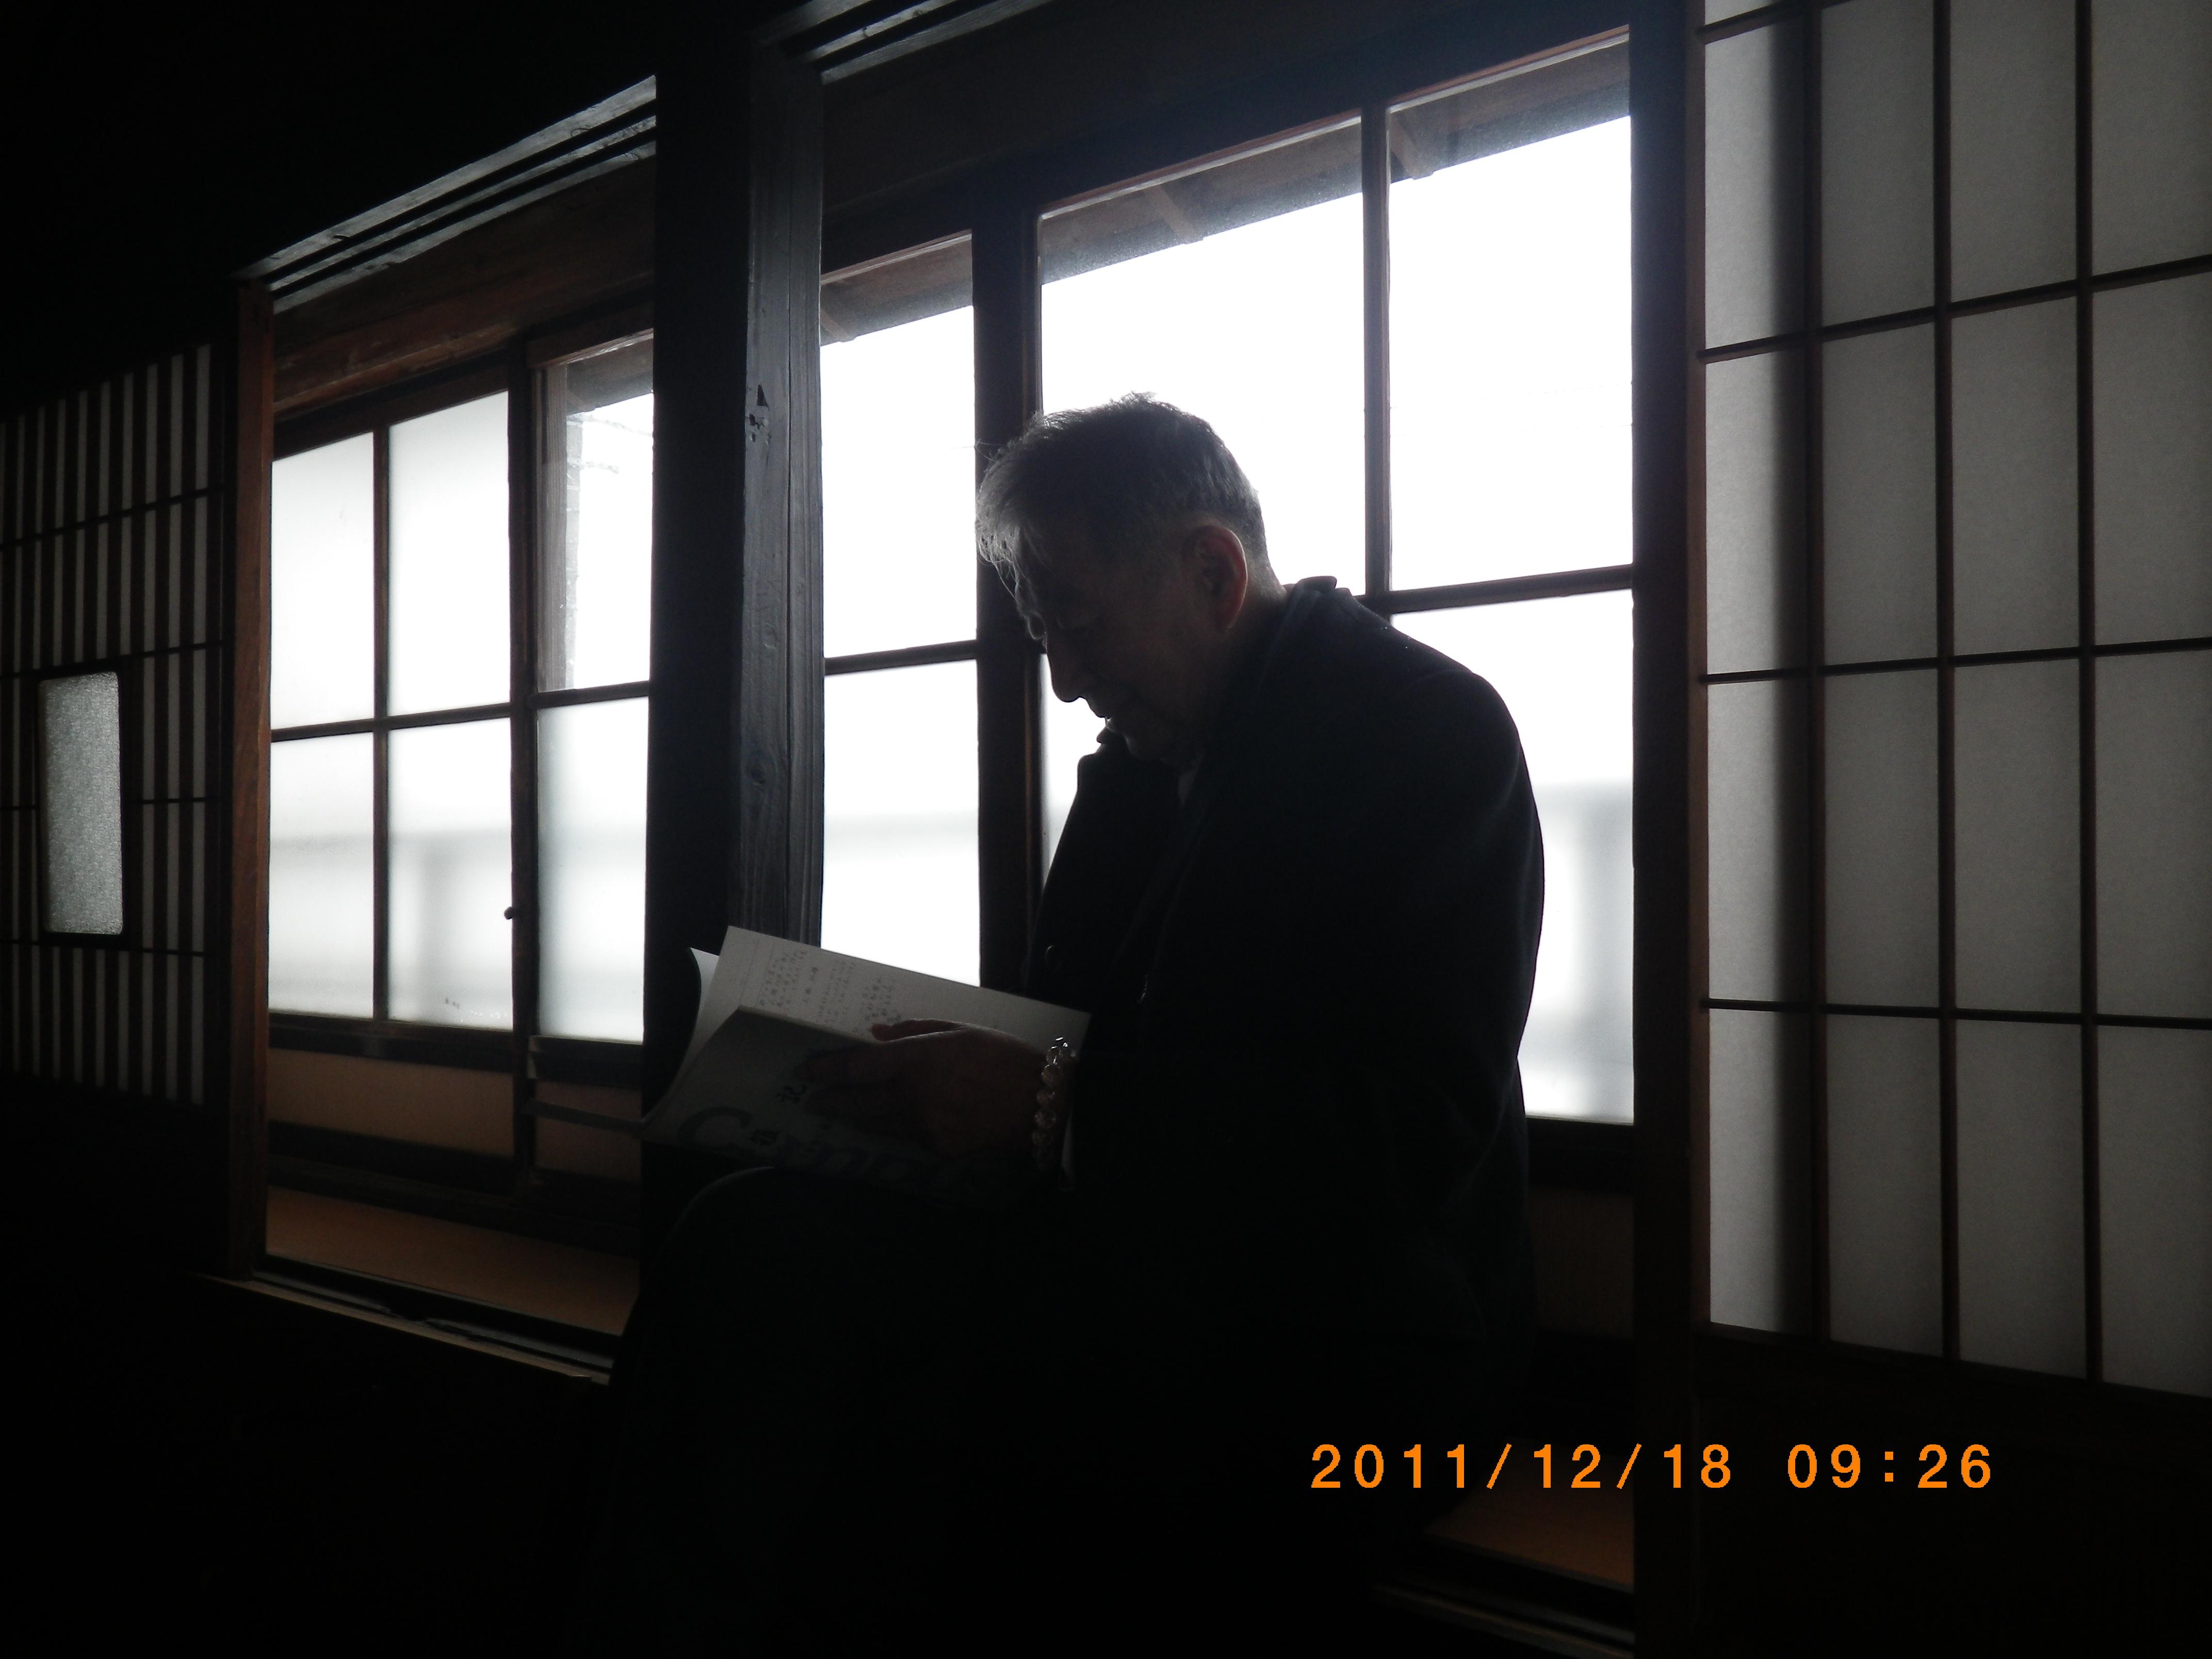 http://www.law-pro.jp/weblog/IMGP0635.JPG